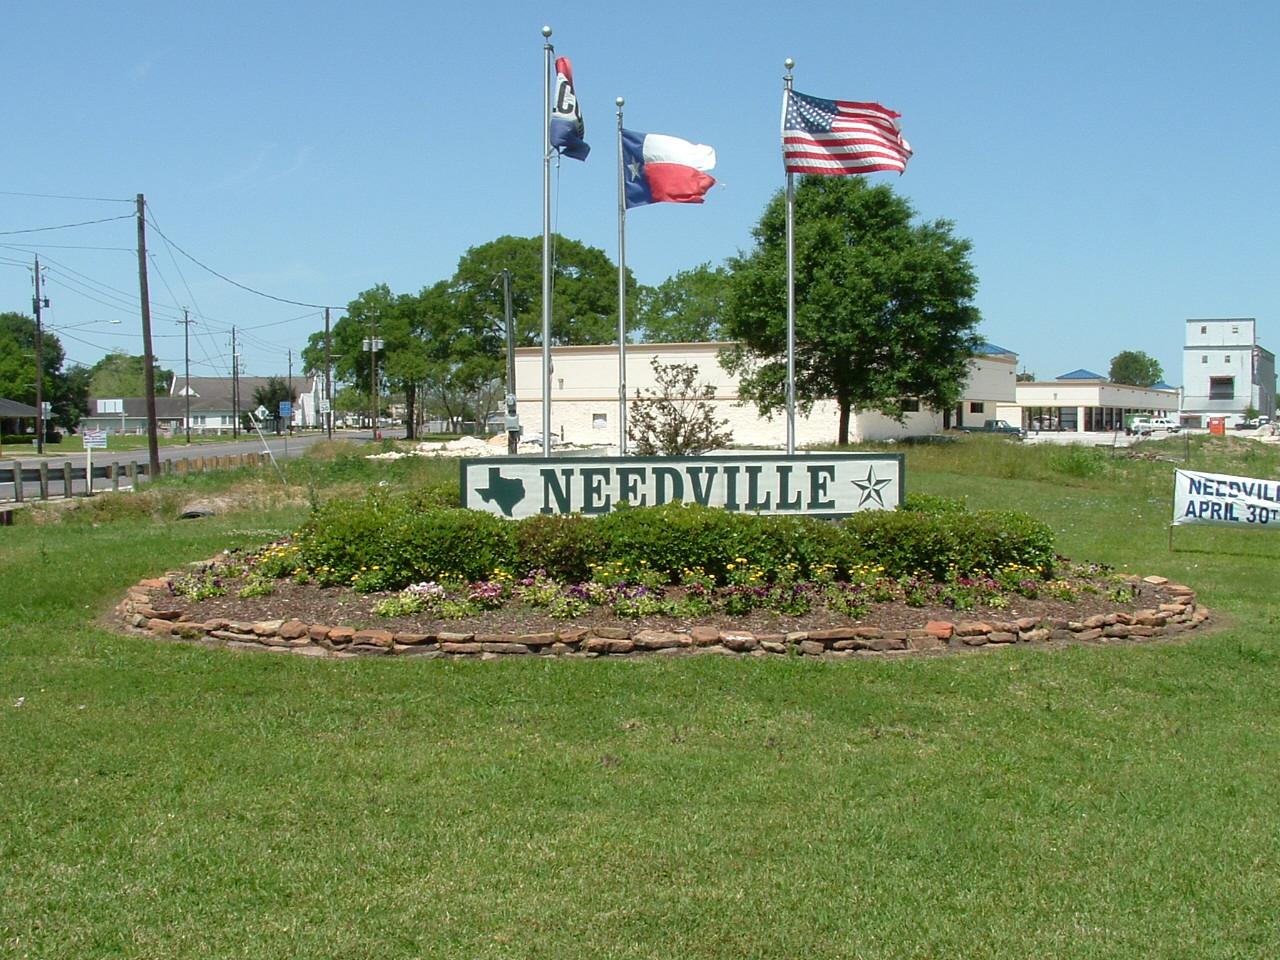 نیدویل، تگزاس